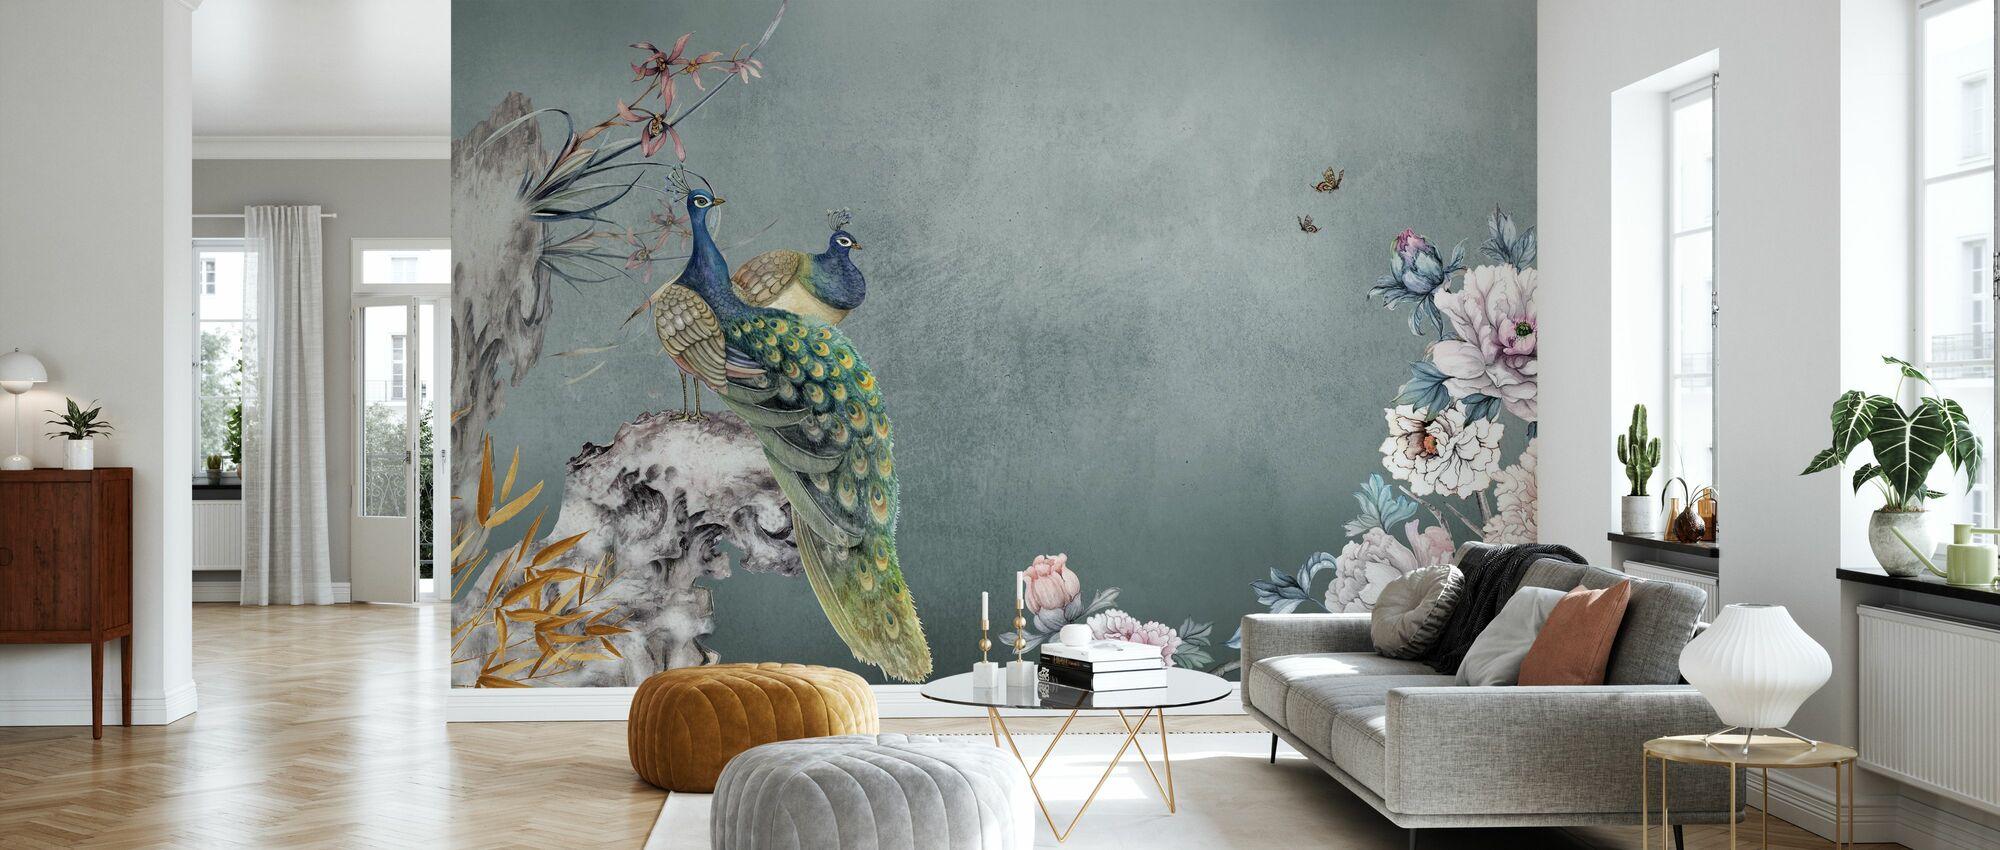 Peacock Mentelle - Wallpaper - Living Room